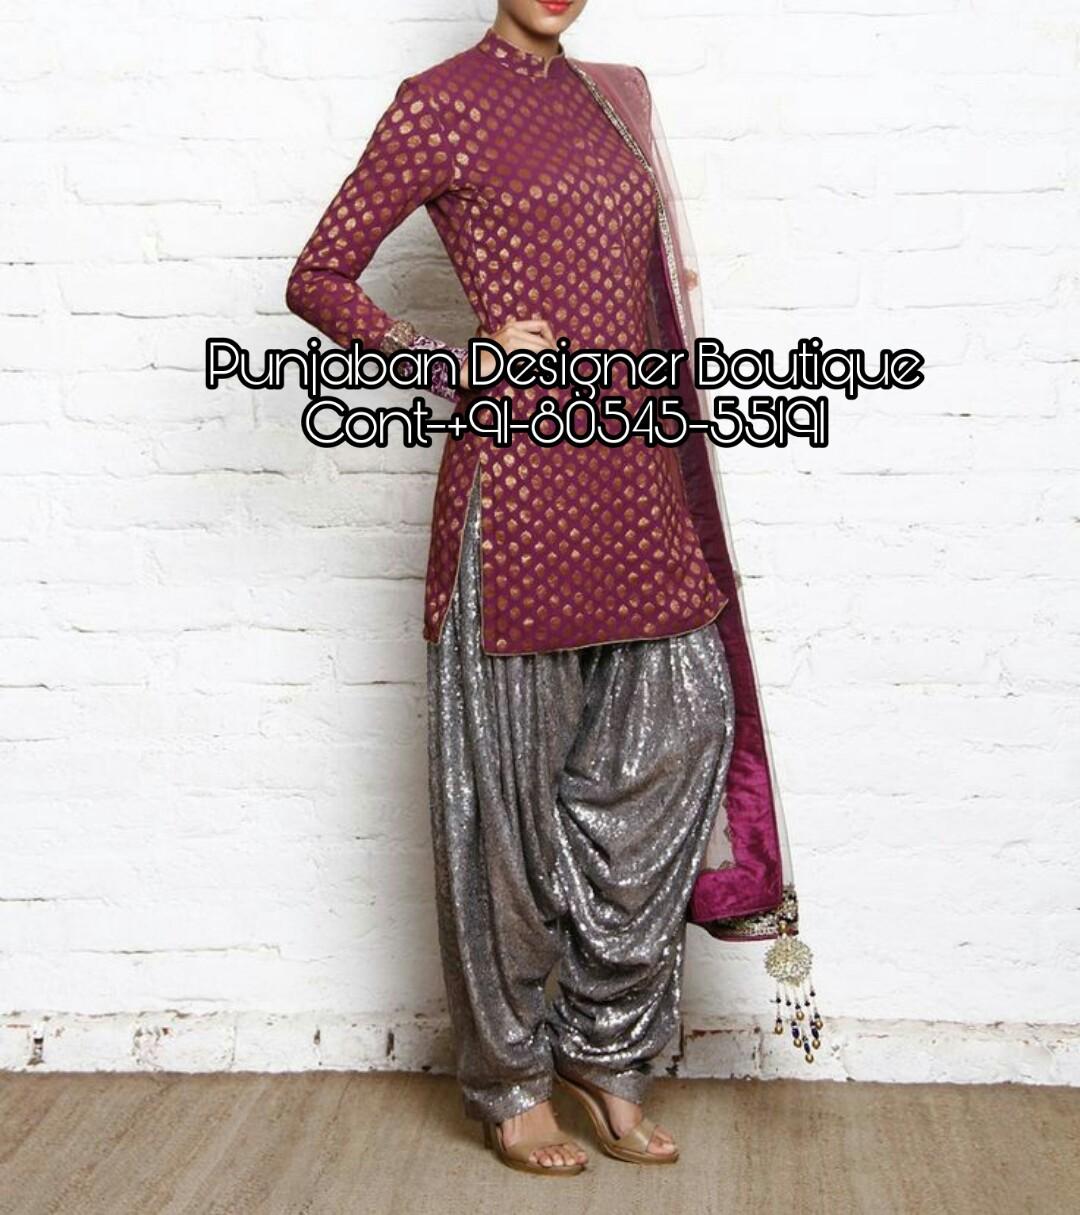 Punjabi Suits Online Shopping Australia Punjaban Designer Boutique